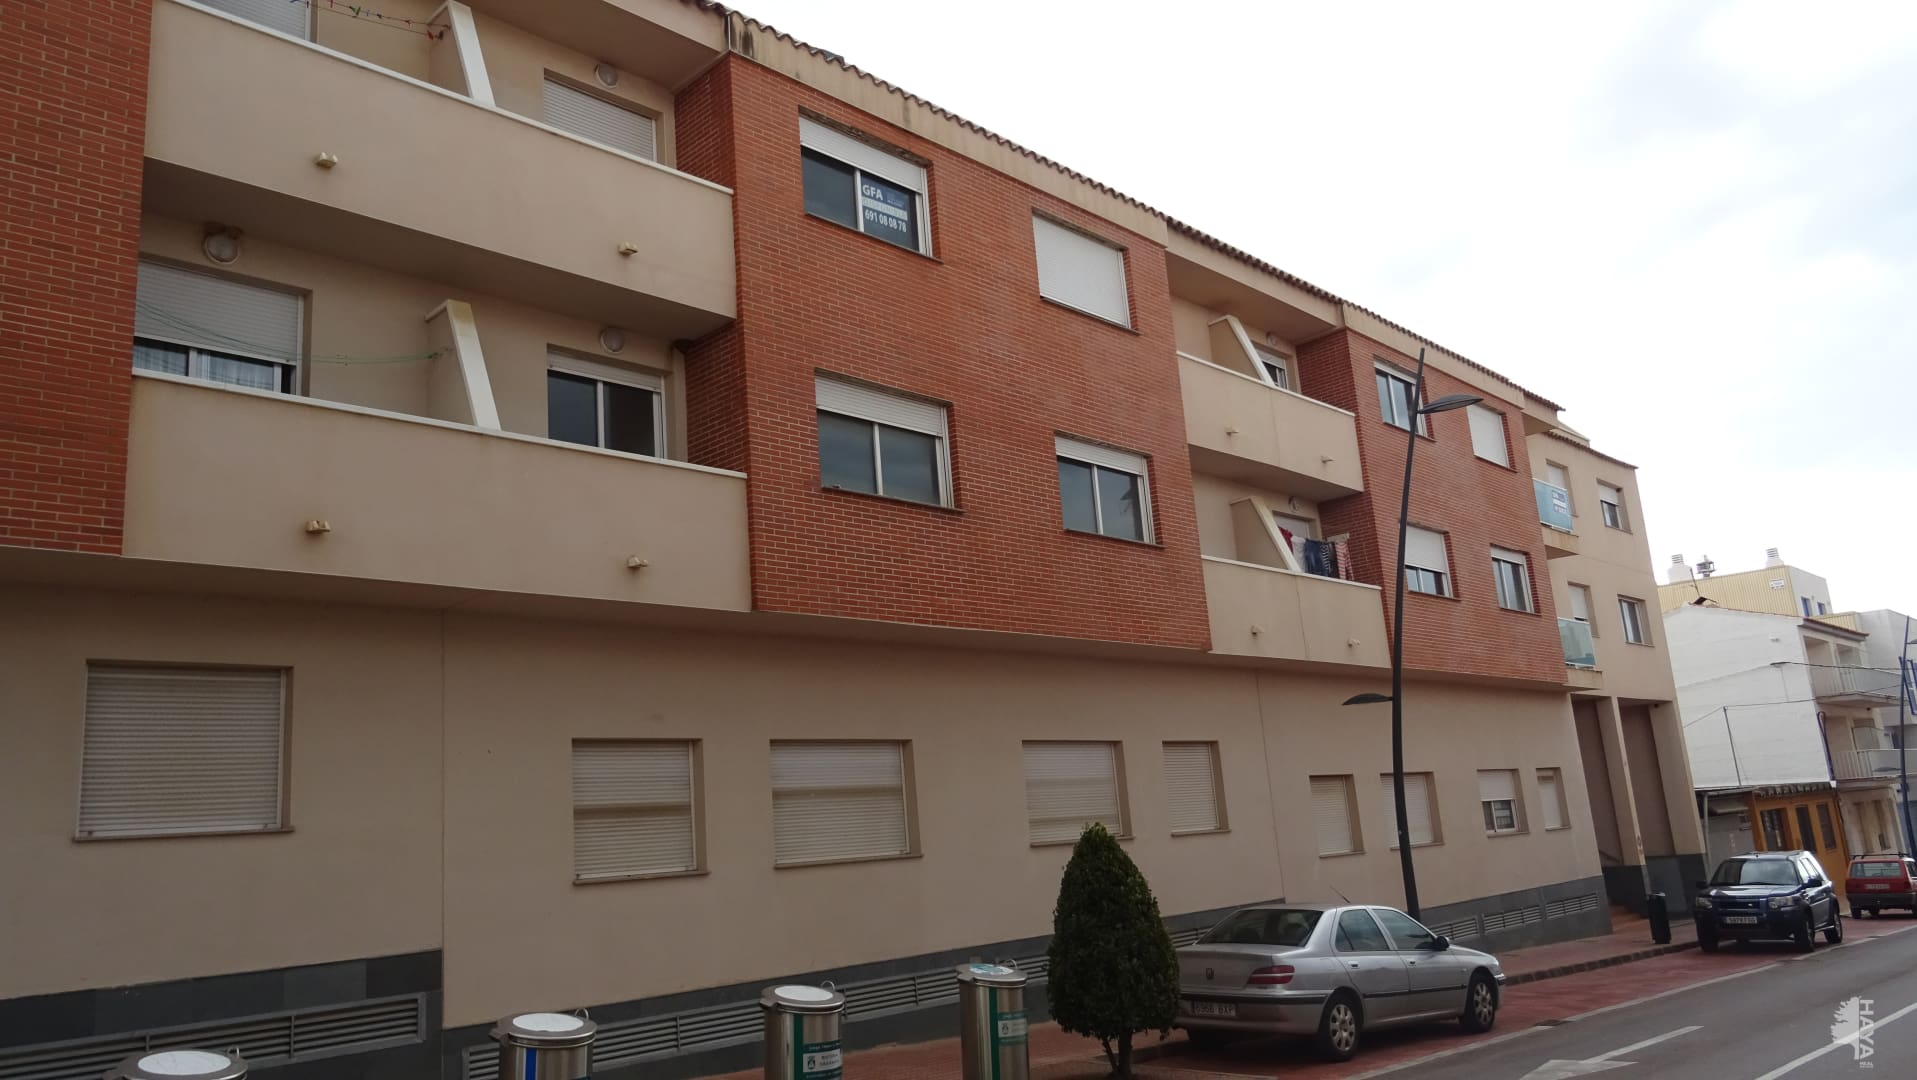 Piso en venta en Torreblanca, Castellón, Calle Colon, 58.000 €, 3 habitaciones, 2 baños, 89 m2